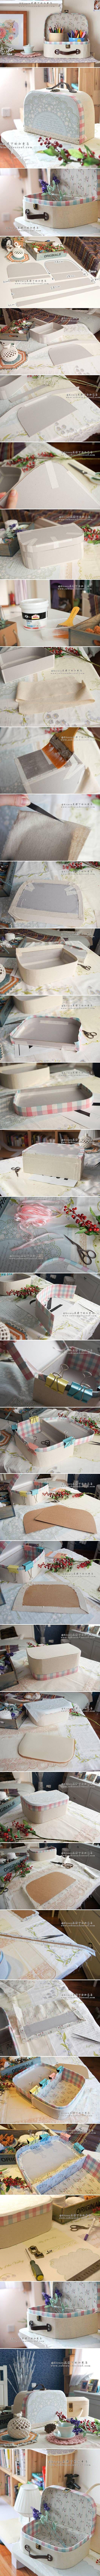 * With Love by Alena Garmash *: Потрясающе простые и интересные идеи для хранения вещиц ;)